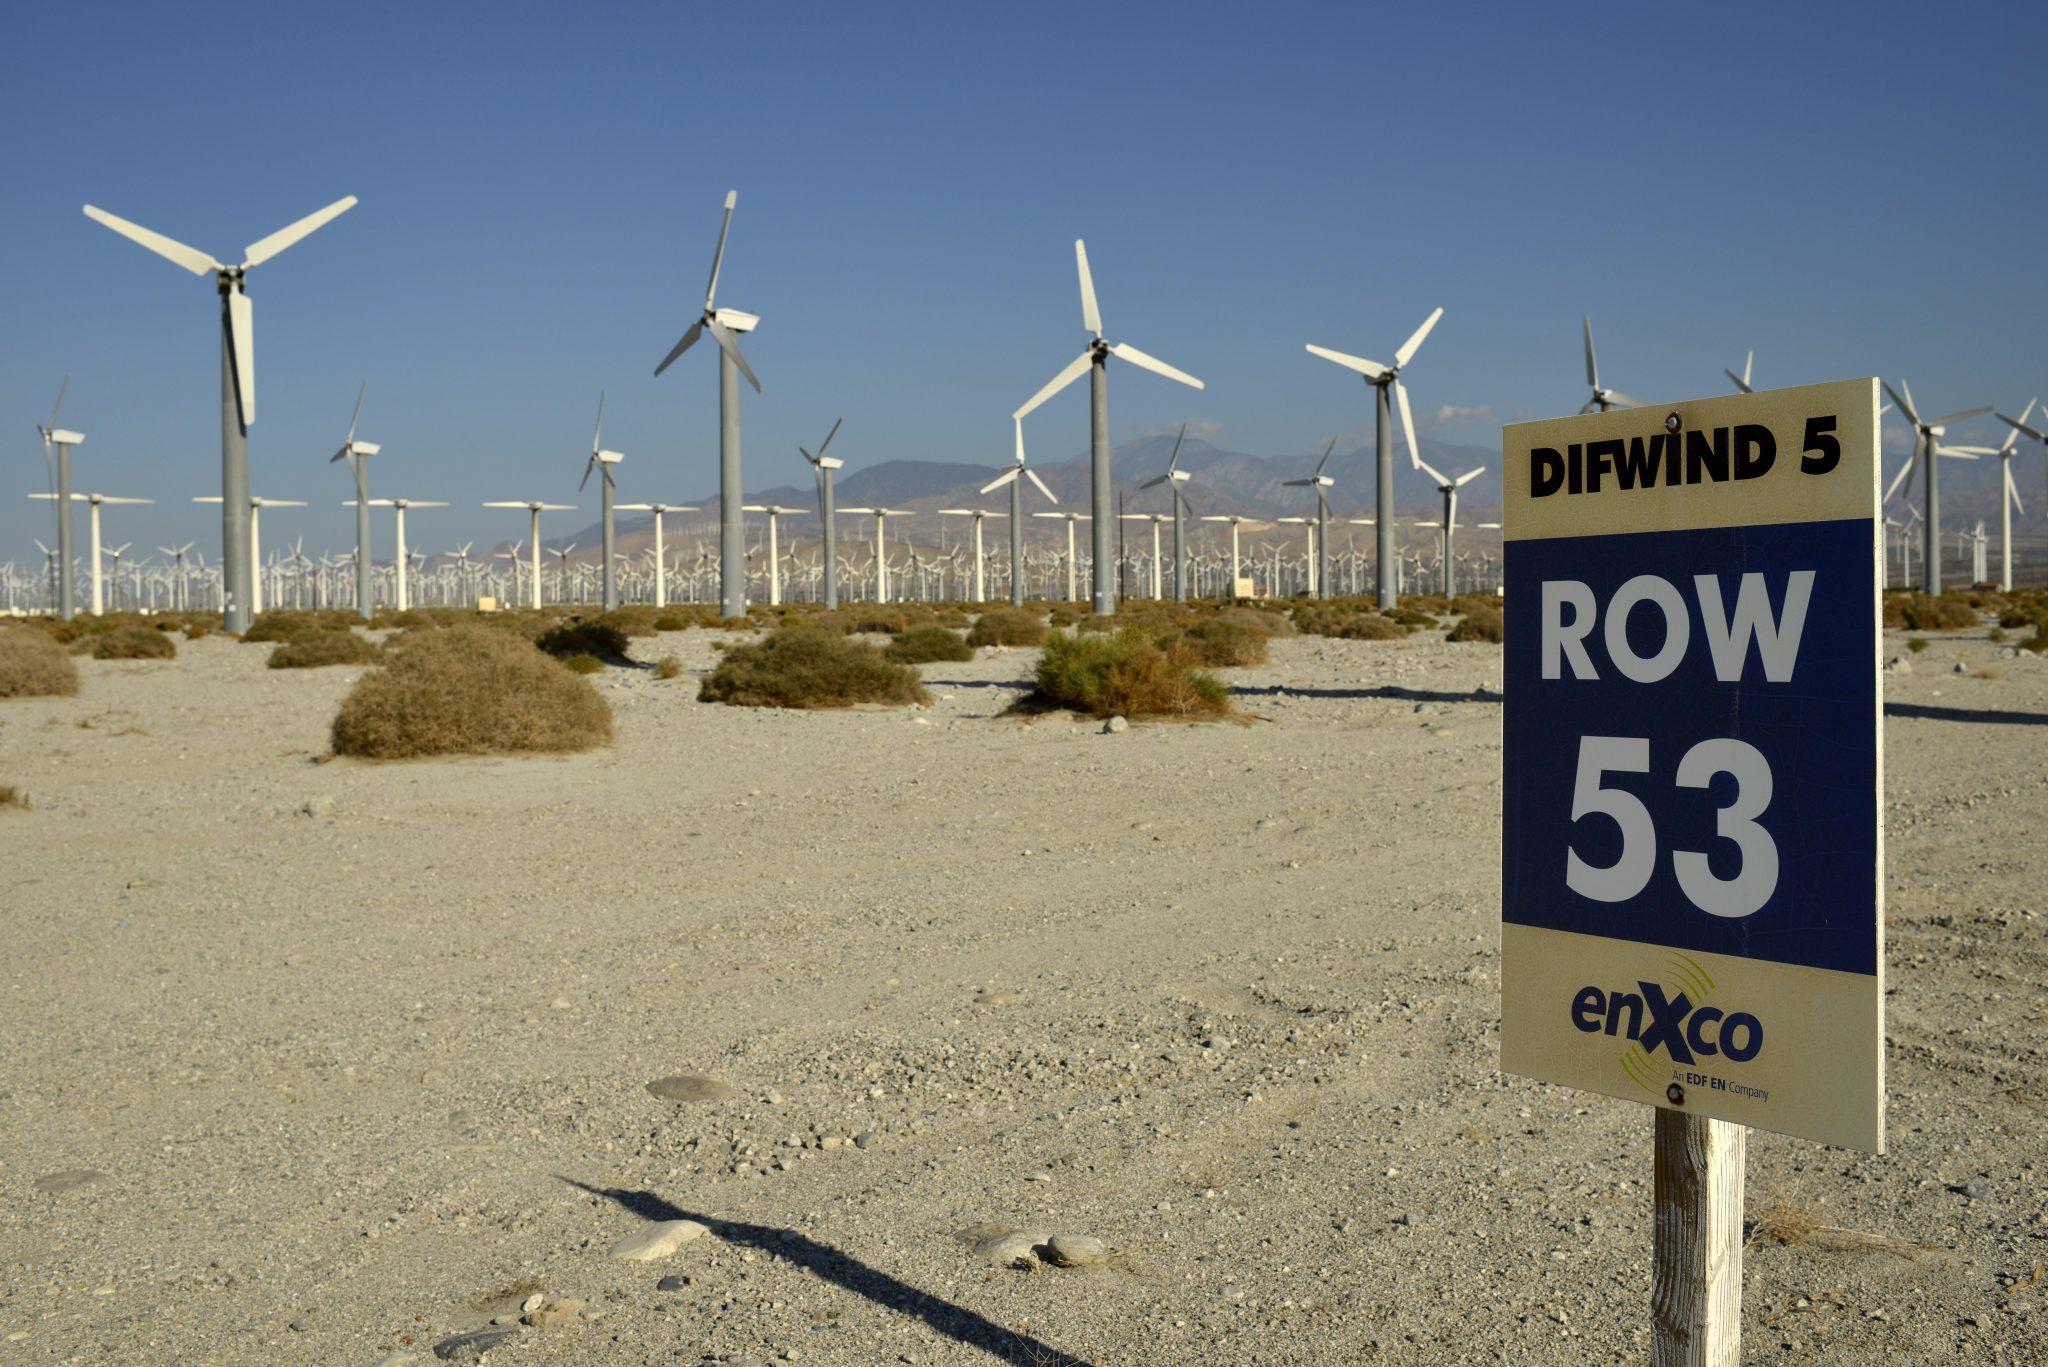 Windenergie, San Gorgonio Pass Wind Farm, betrieben von ExxonMobil, eine der 3 größten Windfarmen der USA, Palm Springs, San Bernadino Mountains, Coachella Valley, Andreasgraben, Kalifornien, Vereinigte Staaten von Amerika, USA, ÖffentlicherGrund, Norda